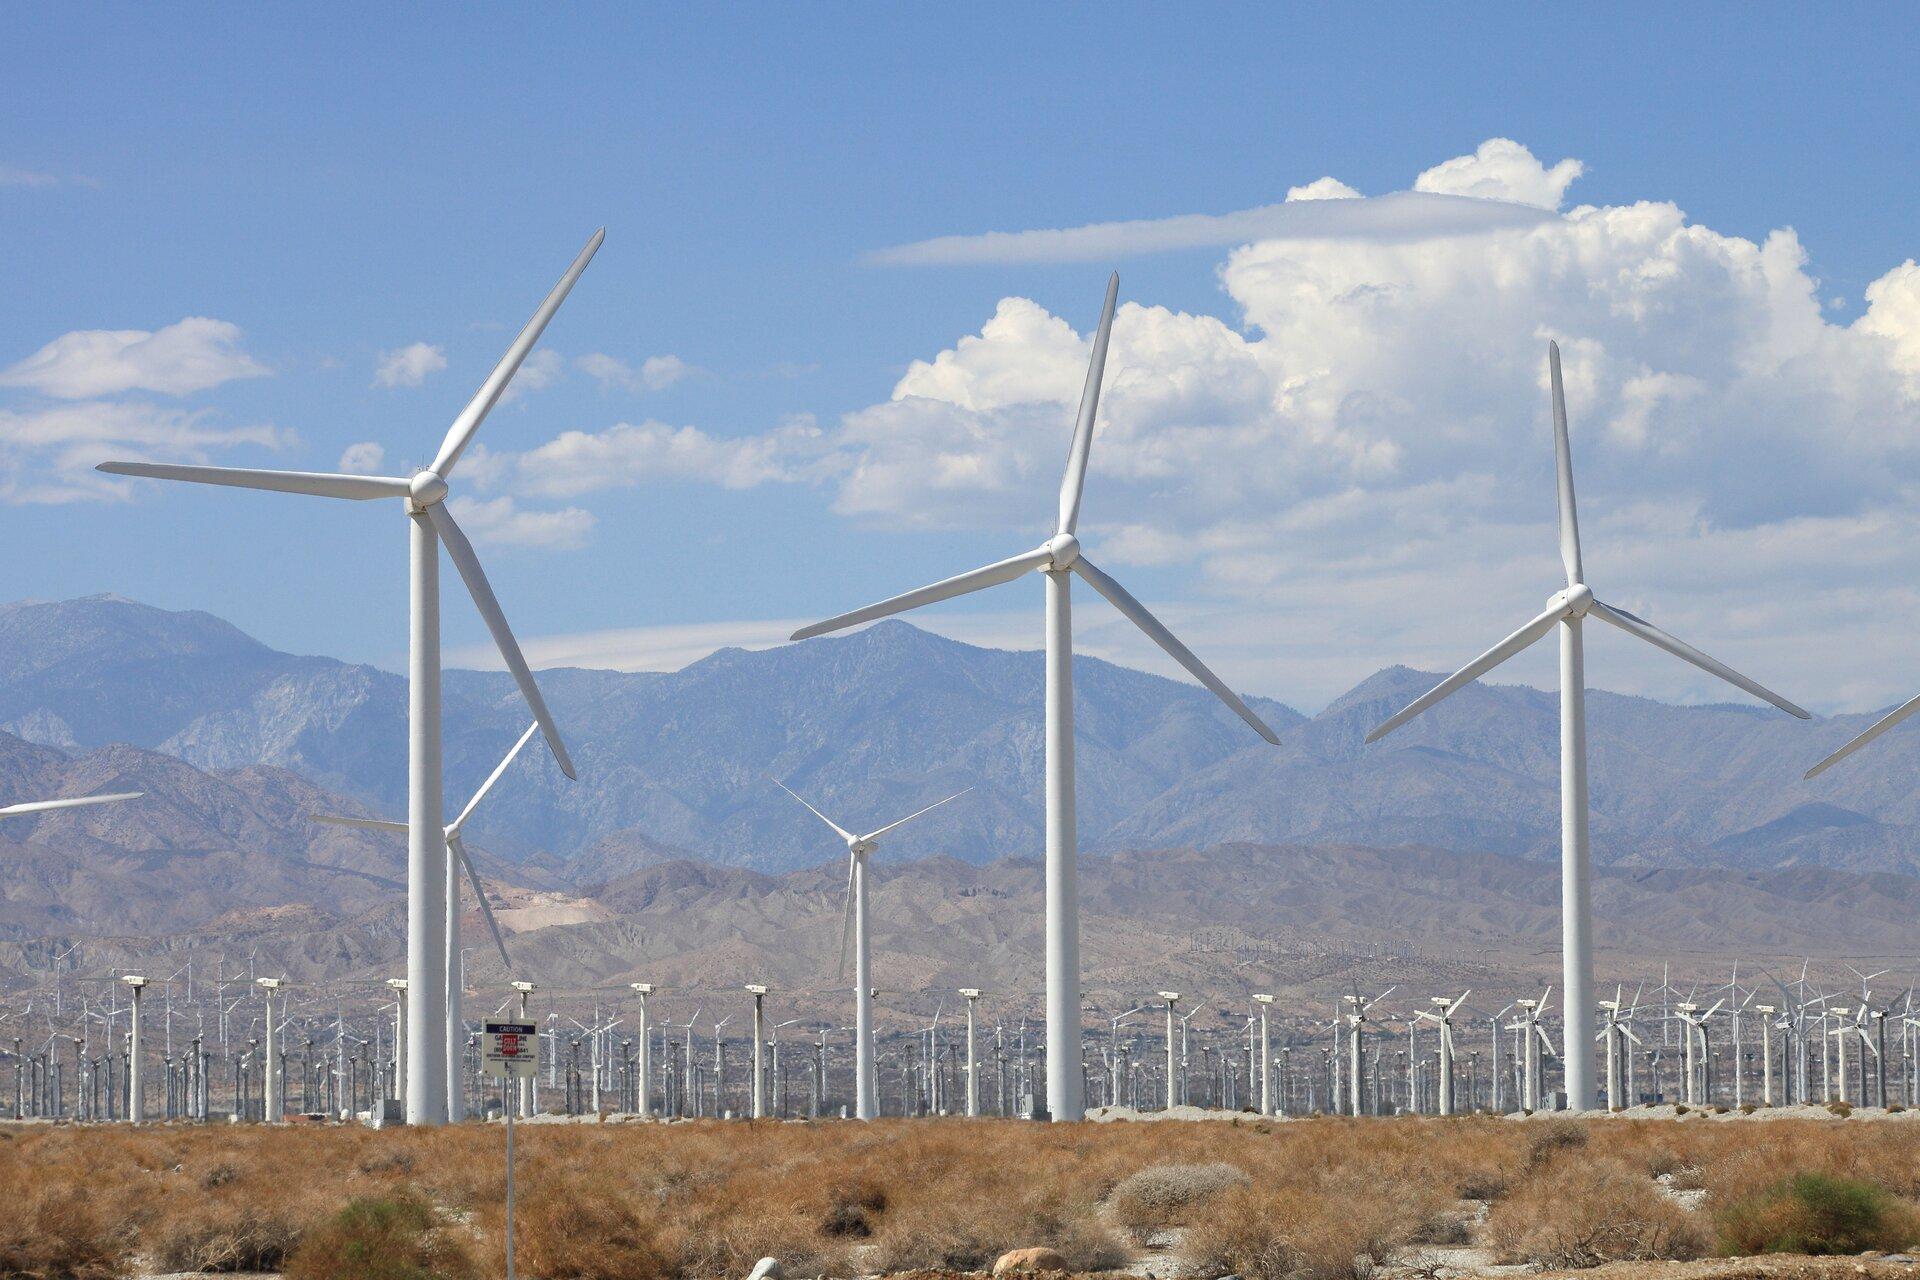 Fotografia przestawia kilkadziesiąt jasnych turbin wiatrowych na tlegór. Stoją gęsto ustawione, wśród rudej trawy. Jest słoneczny dzień, błękitne niebo zobłokami.